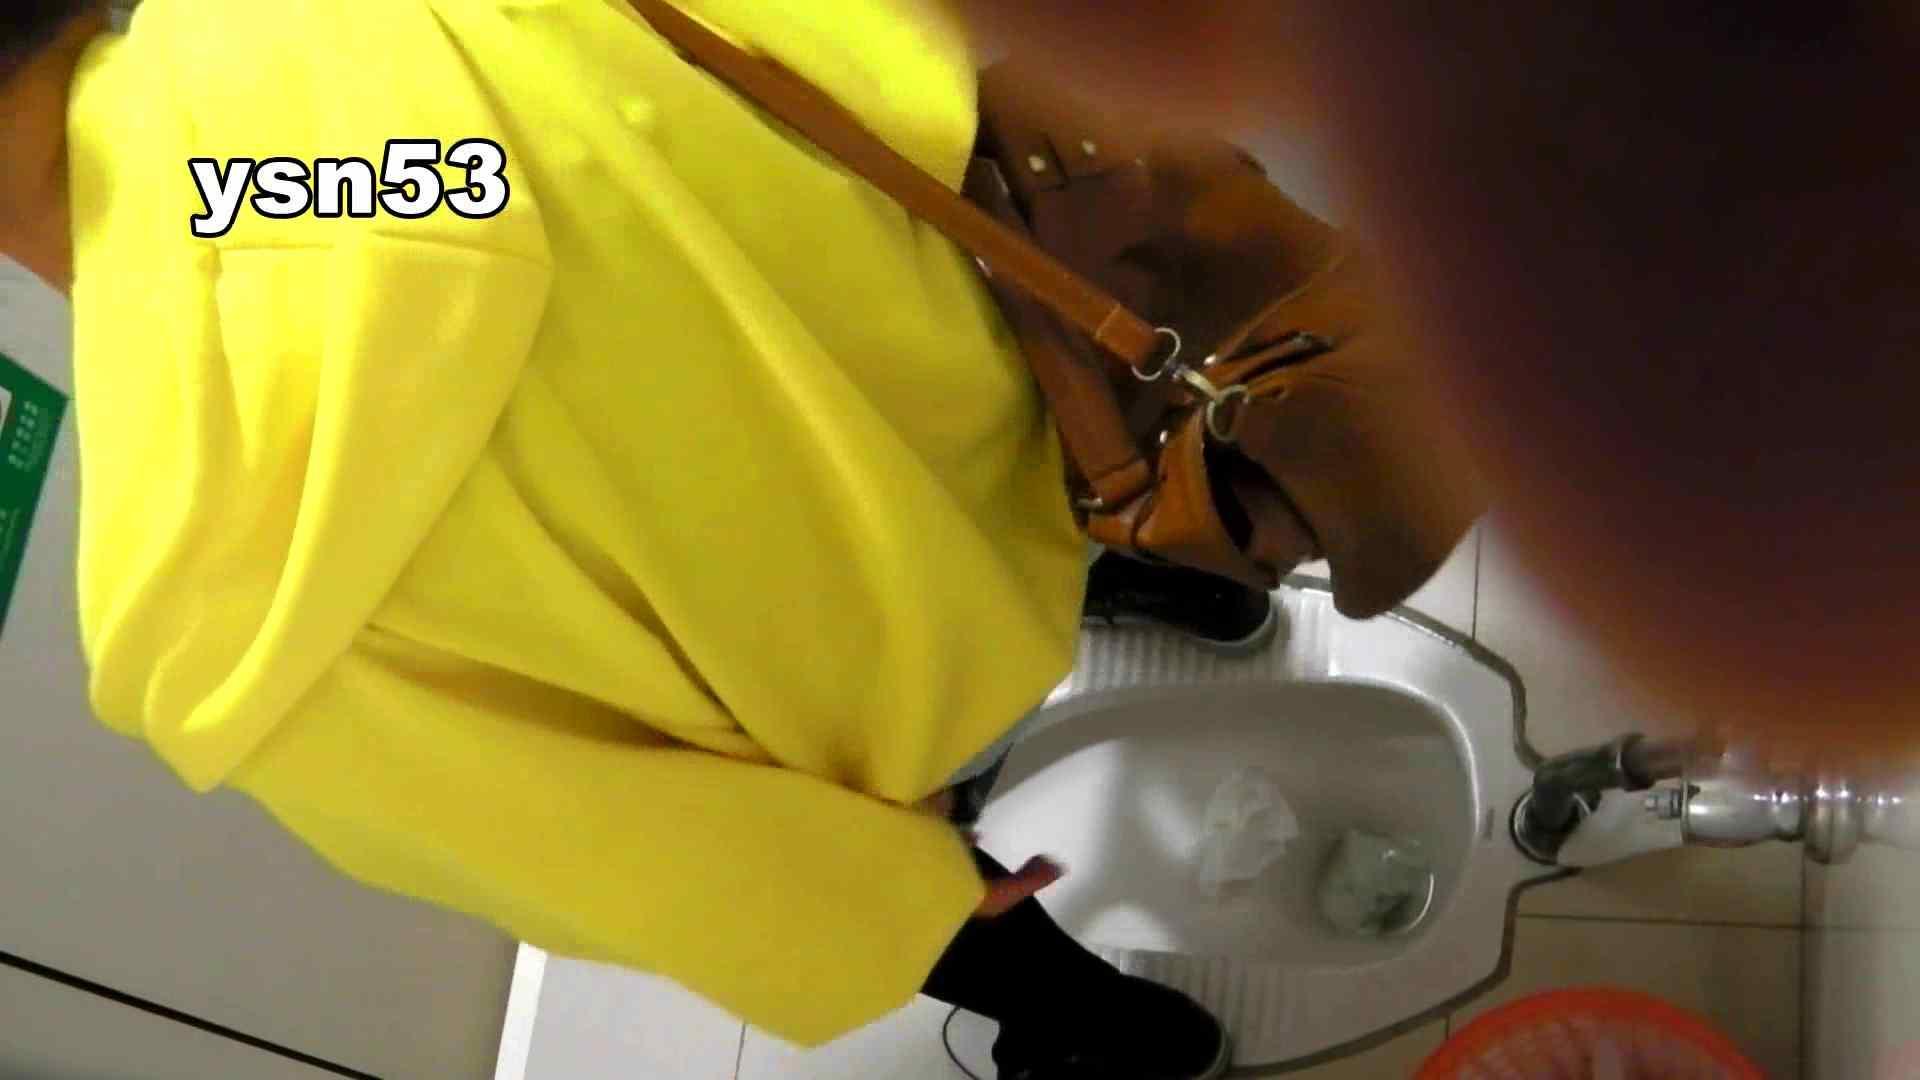 ヤリマンのオマンコ:世界の射窓から vol.53 Yellowさん:怪盗ジョーカー